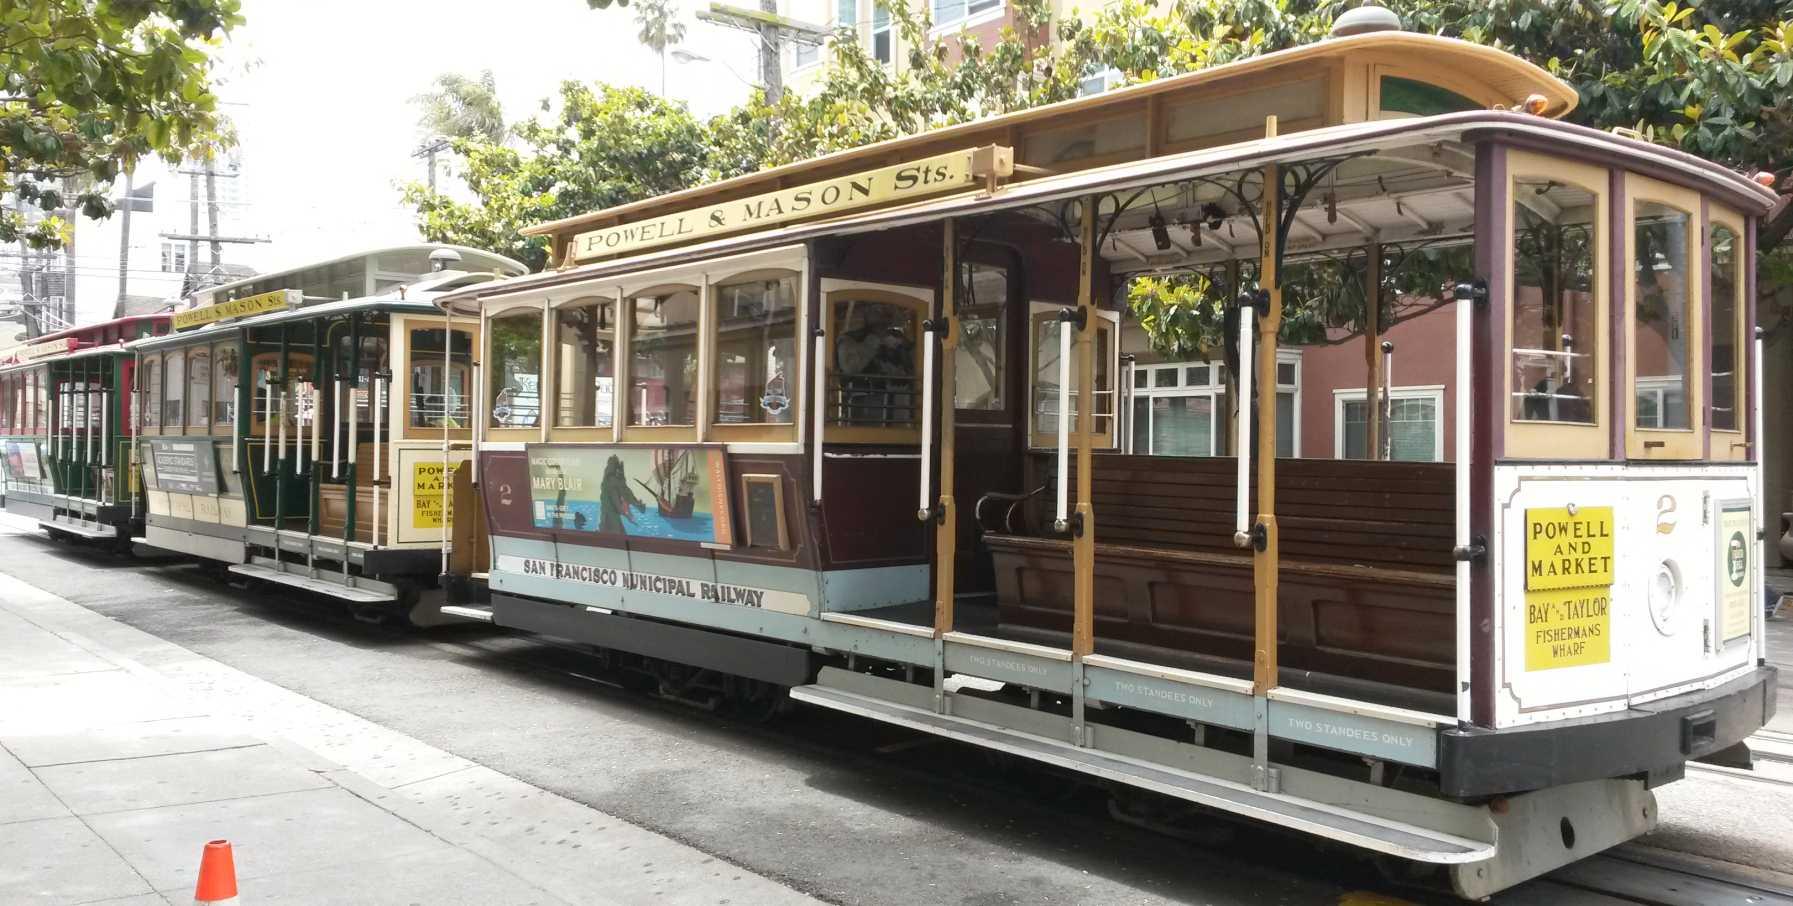 9. Tag San Francisco